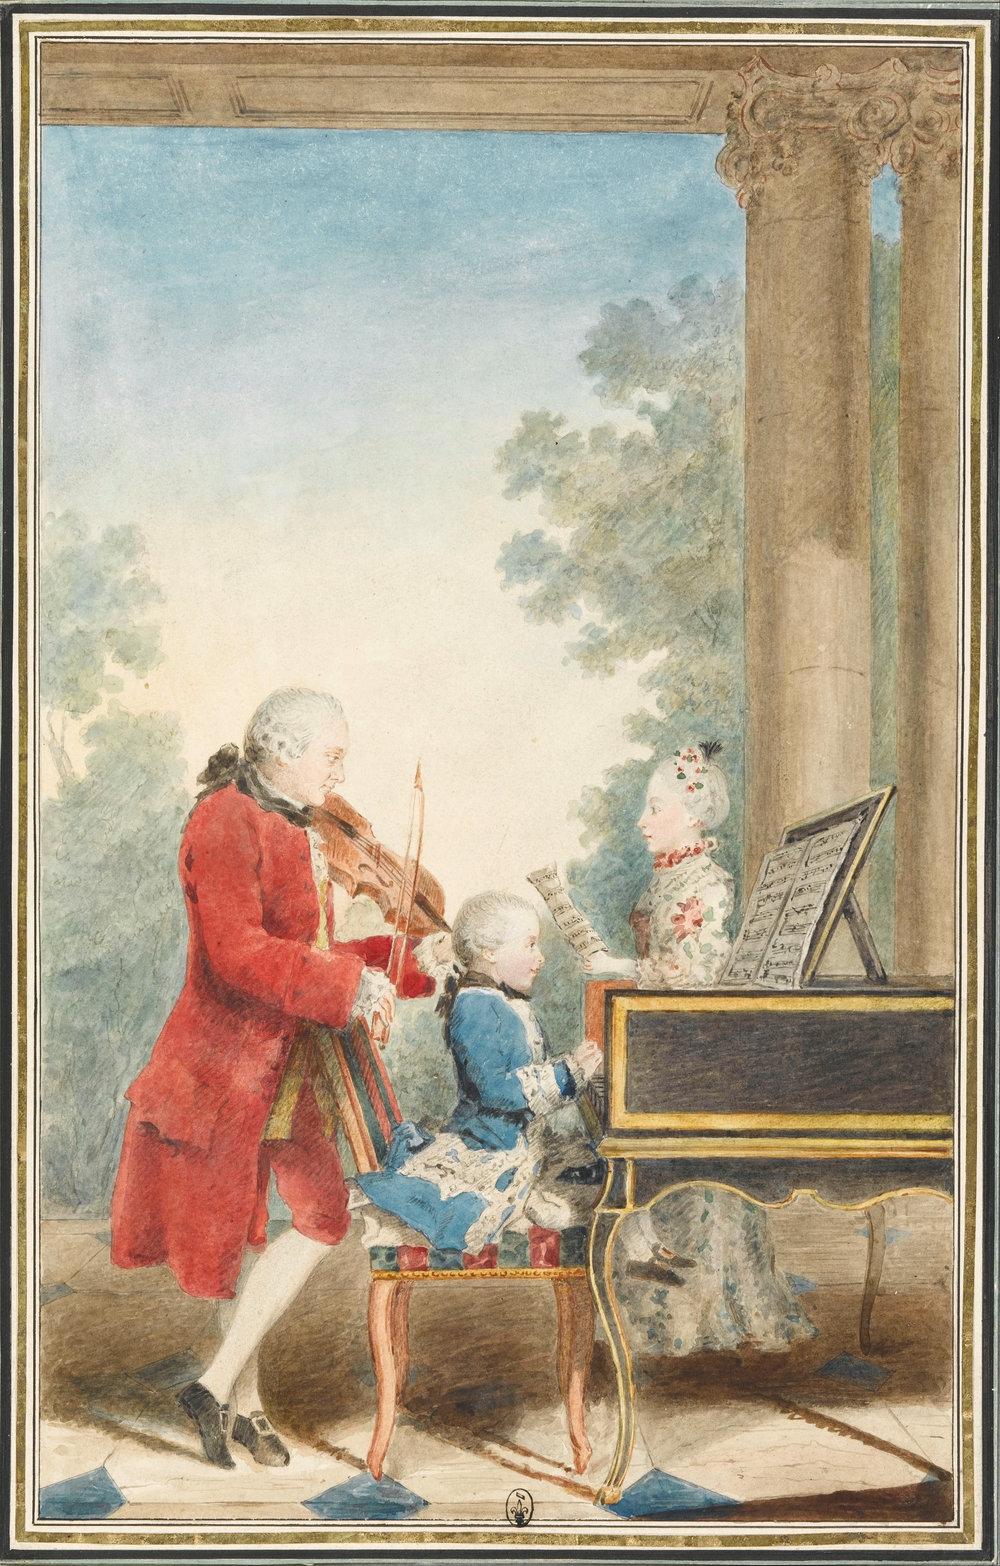 Louis_Carrogis_dit_Carmontelle_-_Portrait_de_Wolfgang_Amadeus_Mozart_(Salzbourg,_1756-Vienne,_1791)_jouant_à_Paris_avec_son_père_Jean..._-_Google_Art_Project.jpg